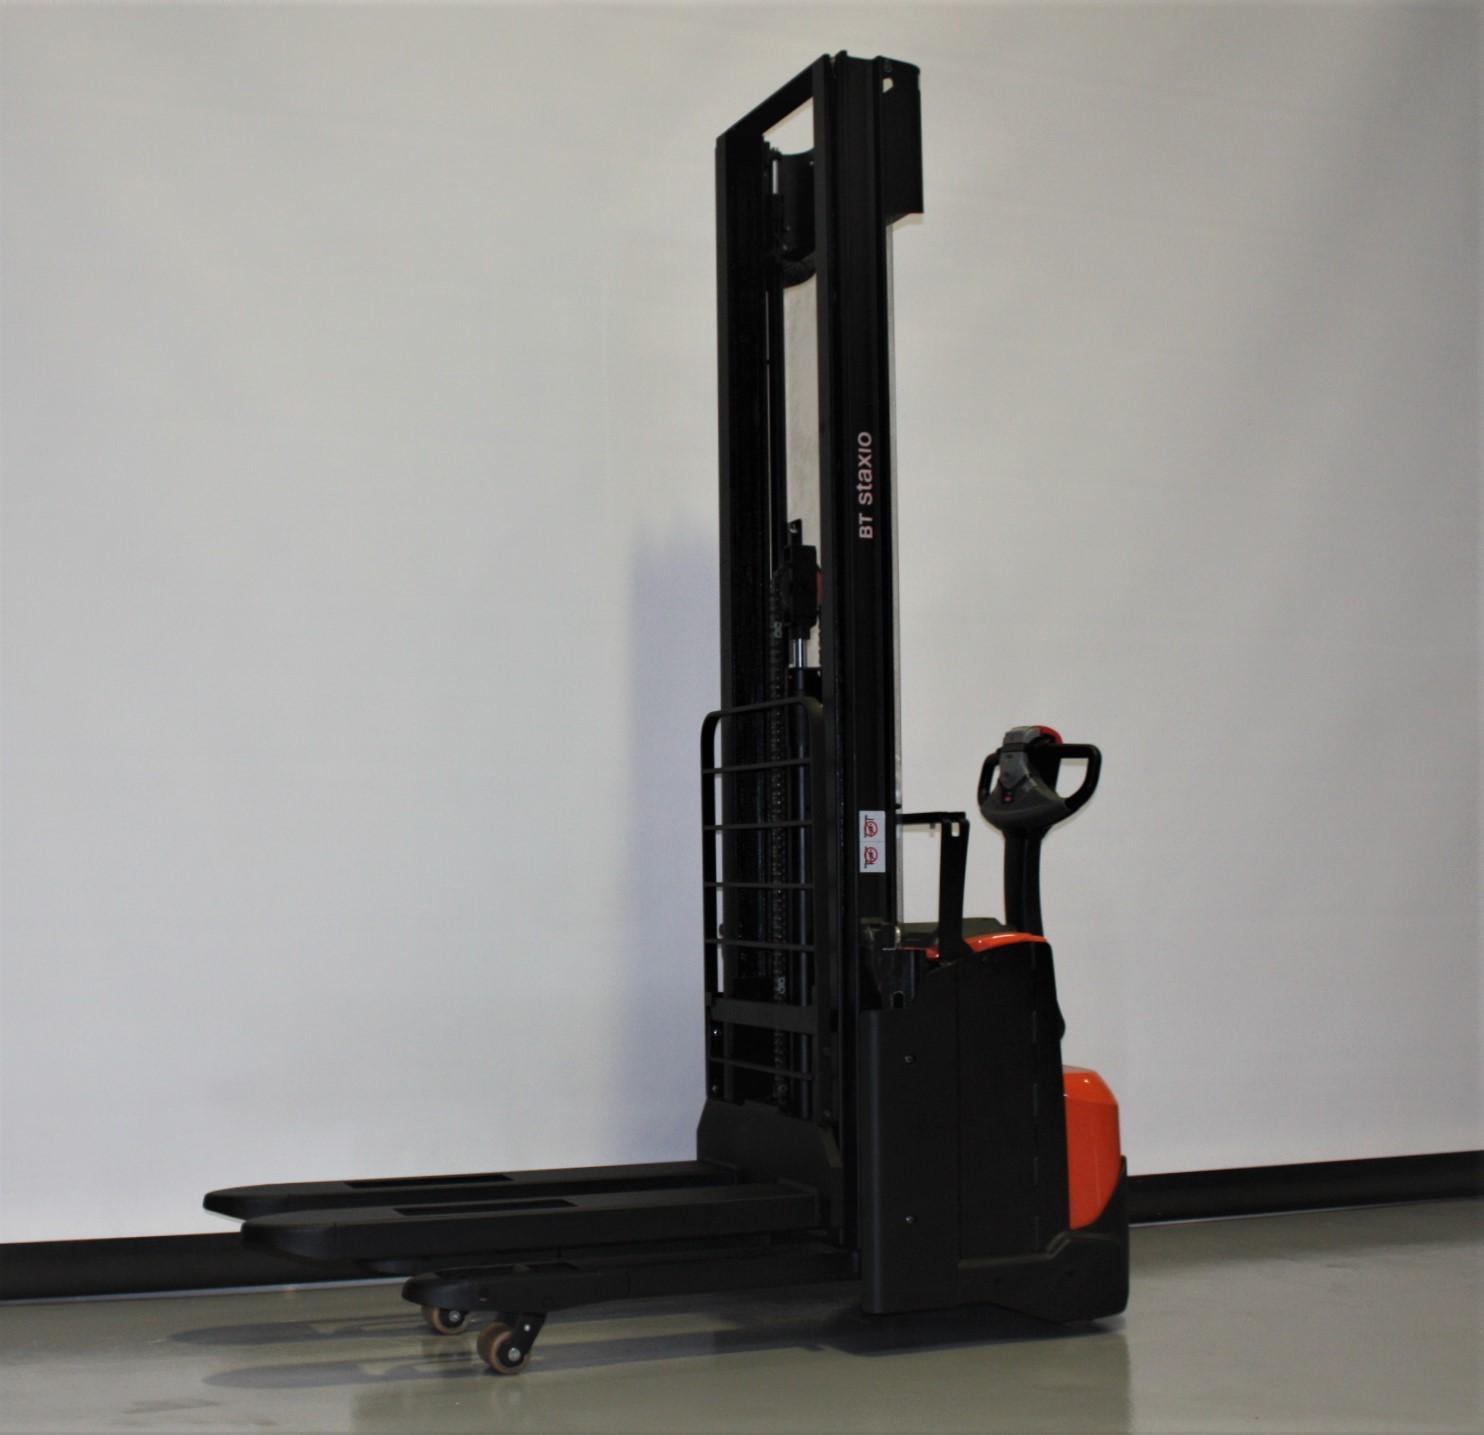 Toyota-Gabelstapler-59840 1911033560 1 15